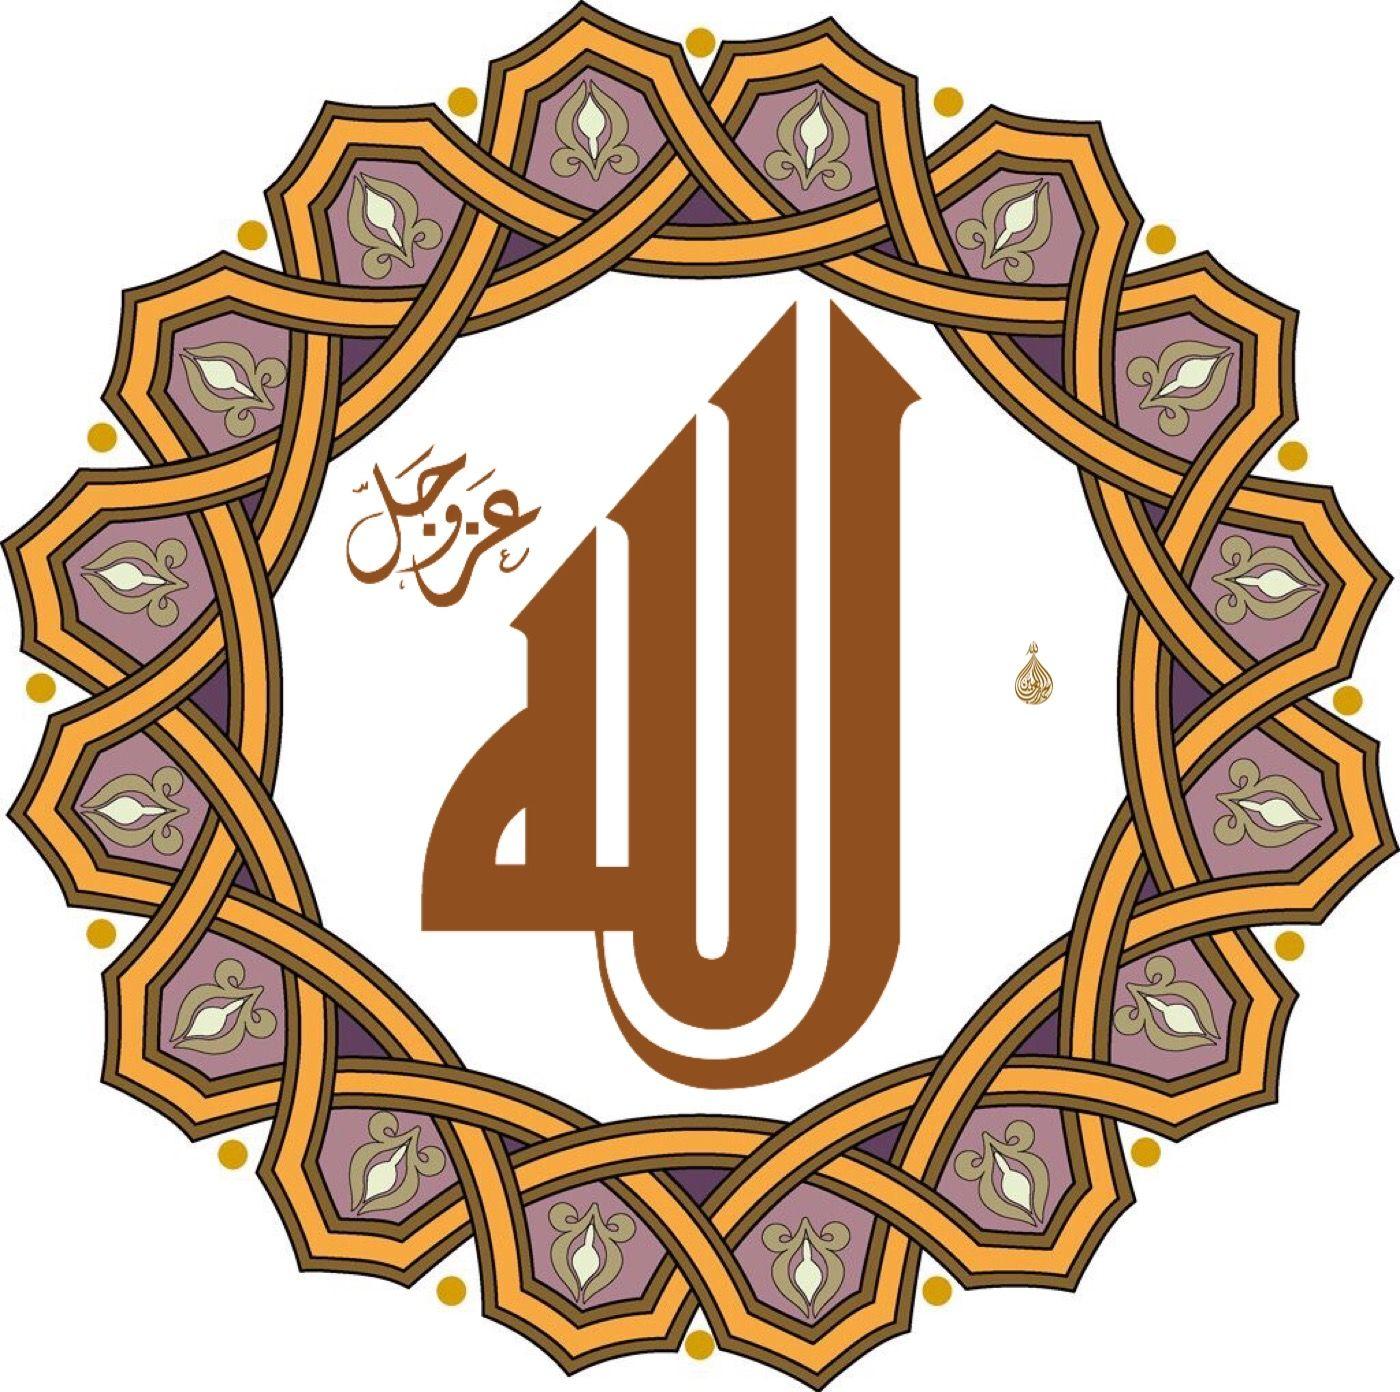 أدعية إسلاميه أذكار دعاء صور إسلامية الله الله اكبر استغفر الله مسلم قرأن إسلاميات إيمان أدعية دينية أدعية من القرأن دعاء للميت دع Peace Symbol Symbols Peace